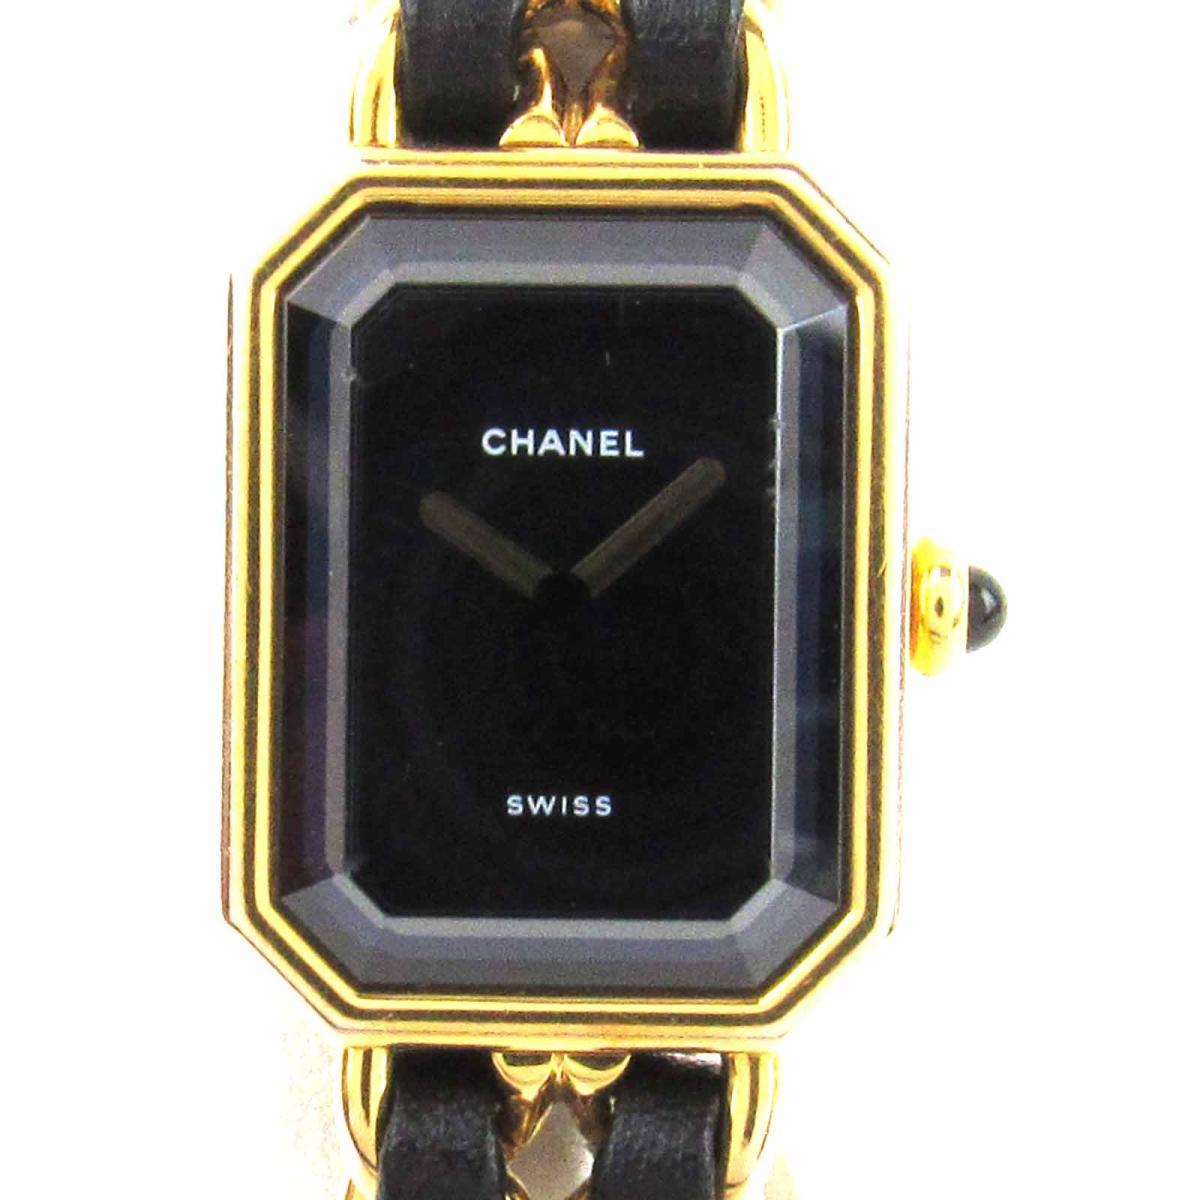 【中古】 シャネル プルミエールM ウォッチ 腕時計 レディース レザーベルト x GP (ゴールドメッキ) (H0001) | CHANEL クオーツ クォーツ 時計 プルミエールM 美品 ブランドオフ